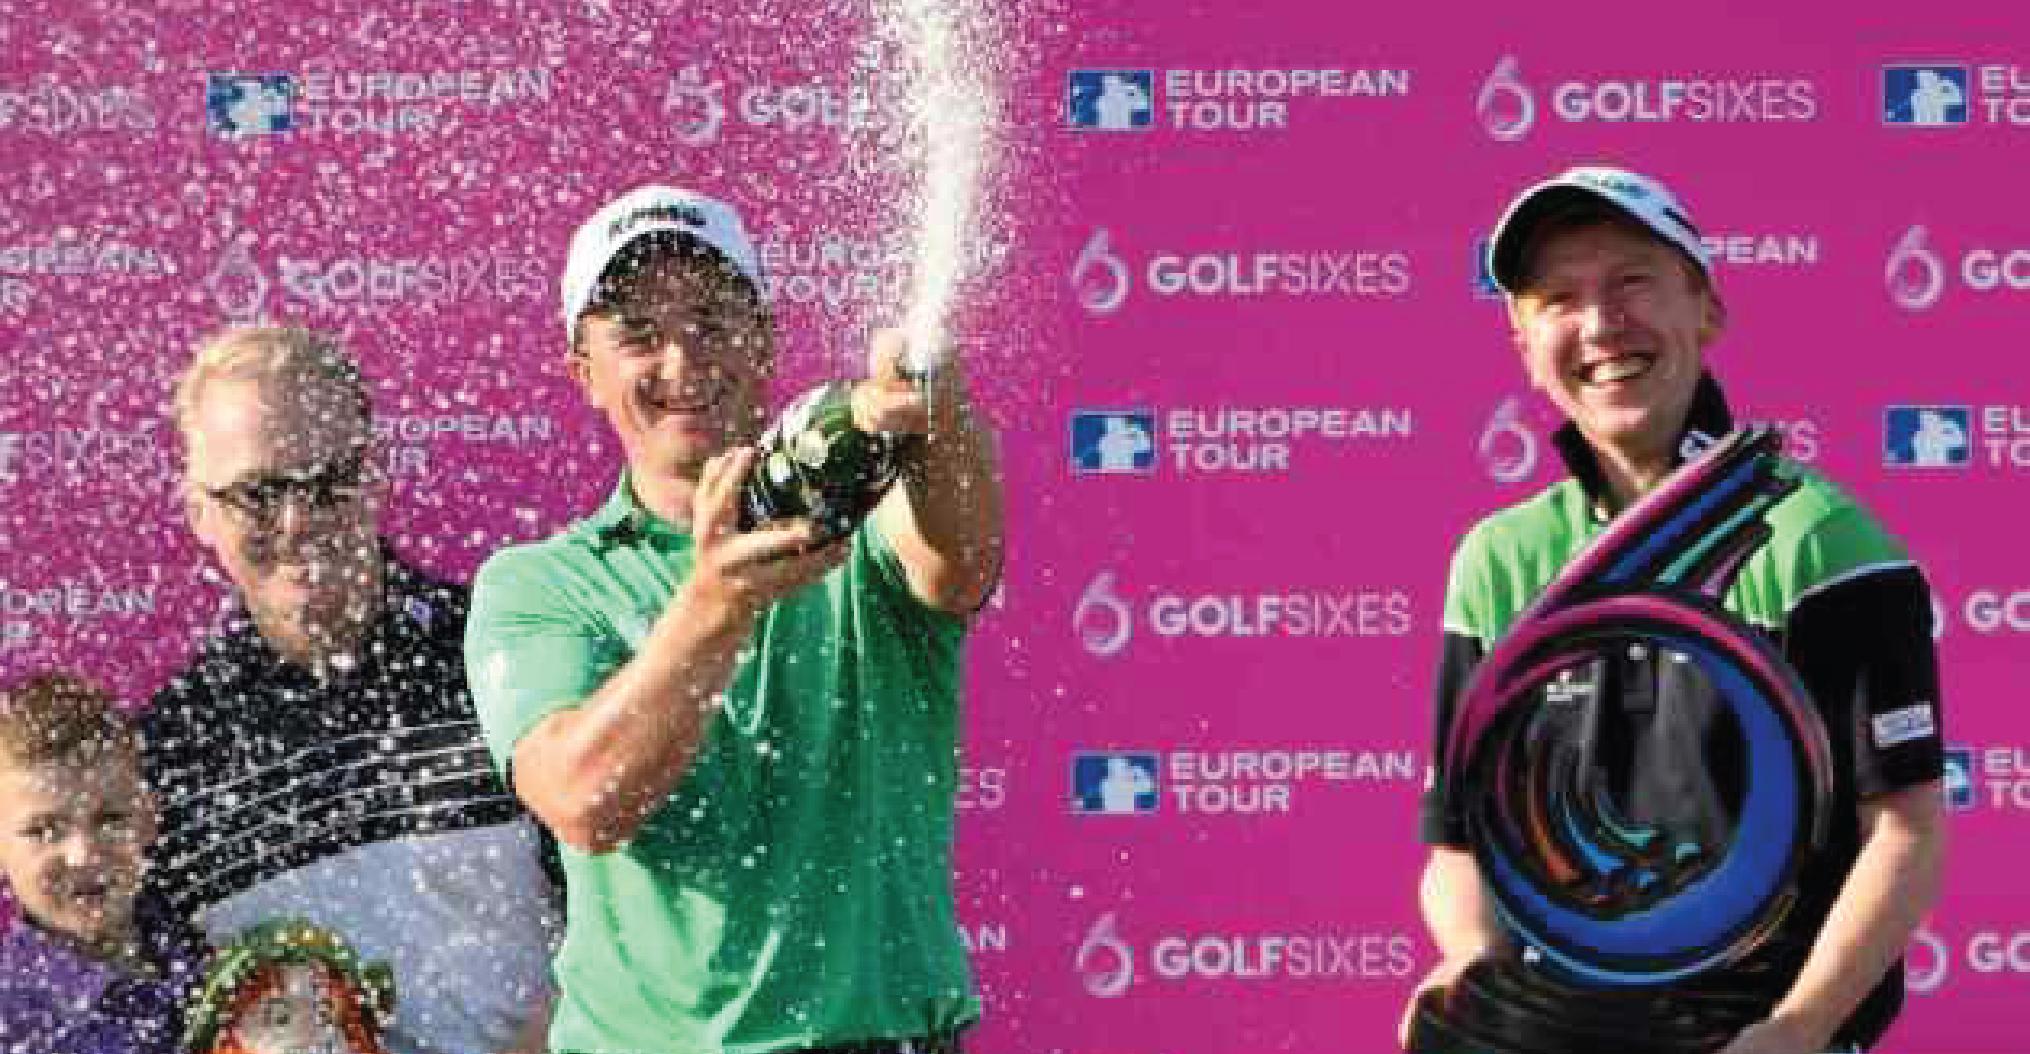 Vô địch GolfSixes, tay golf nhận tiền thưởng gấp đôi số kiếm được trong sự nghiệp